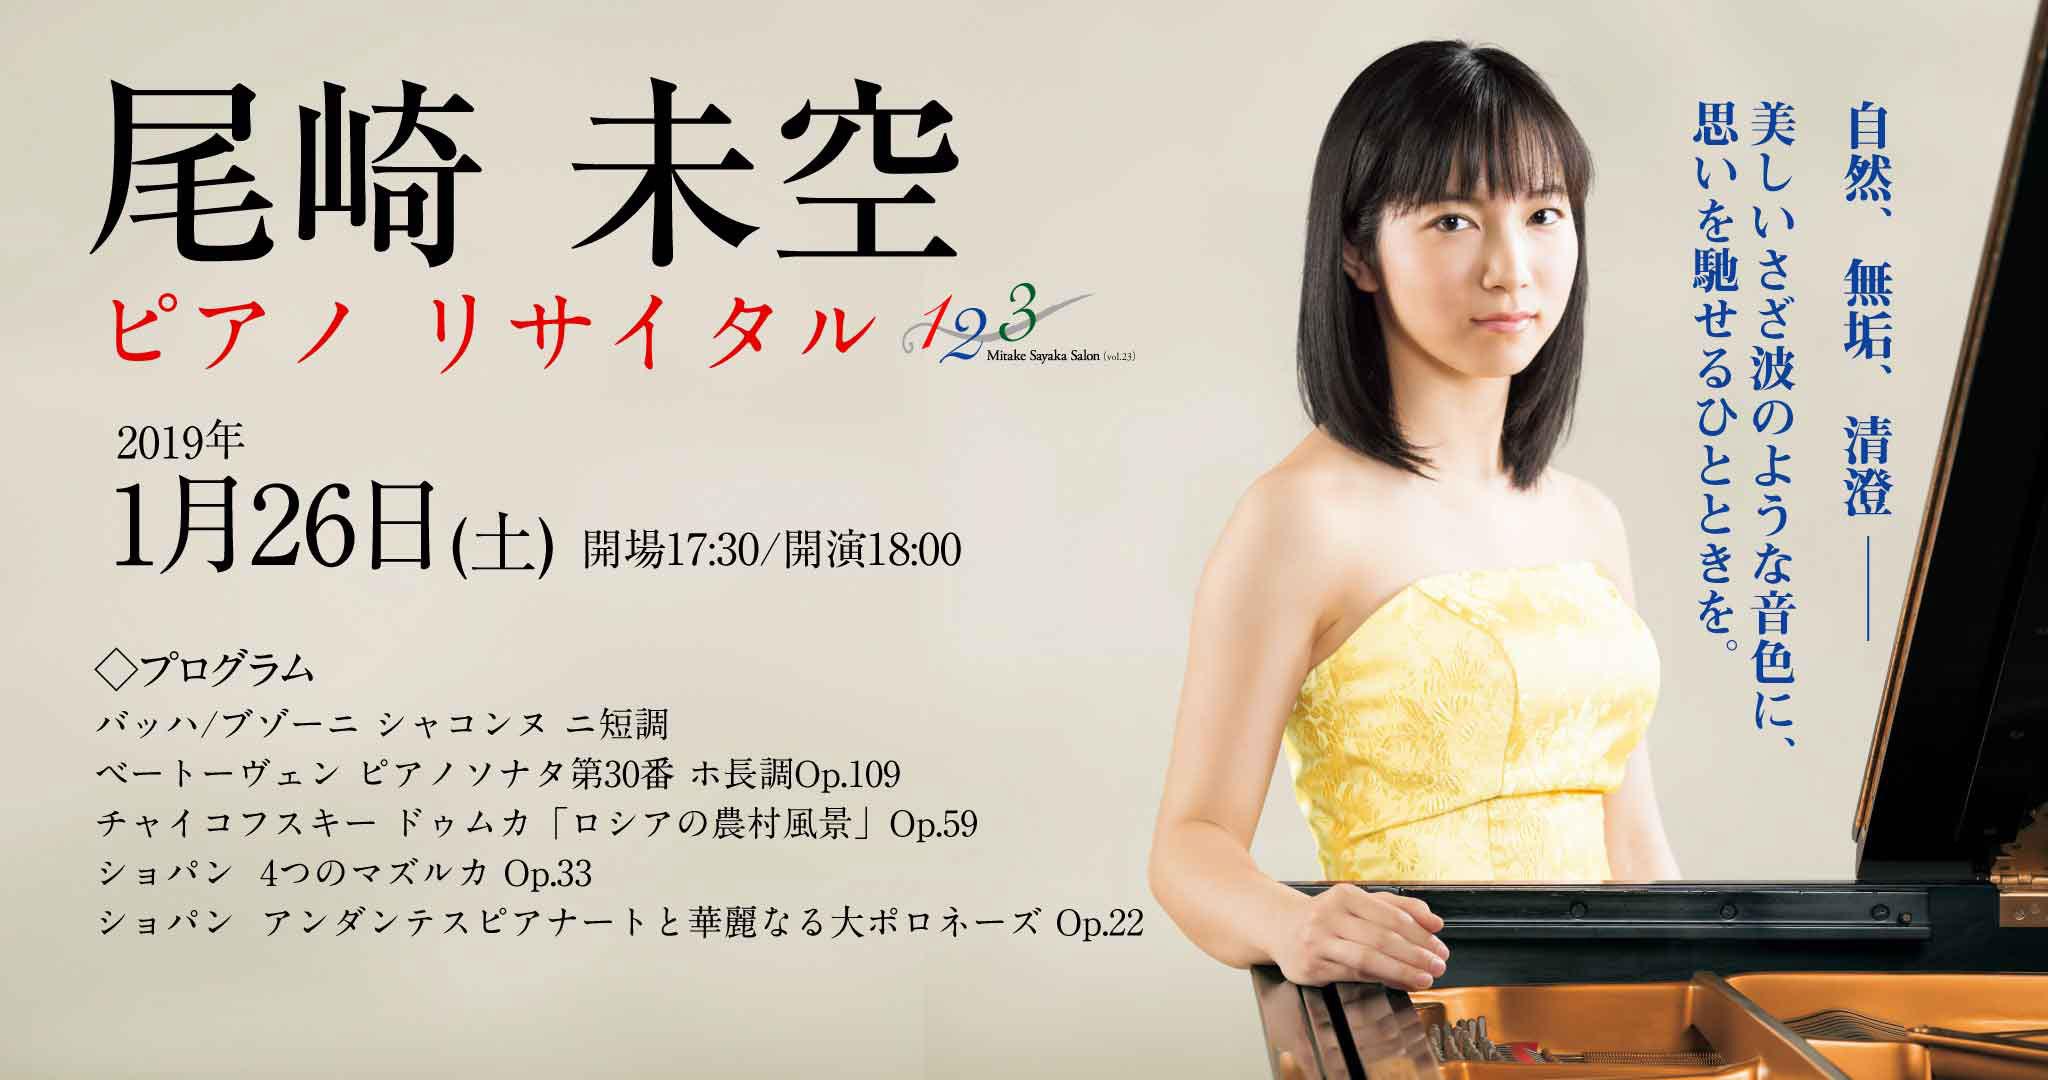 【完売】1月26日18:00~ 尾崎未空ピアノリサイタル